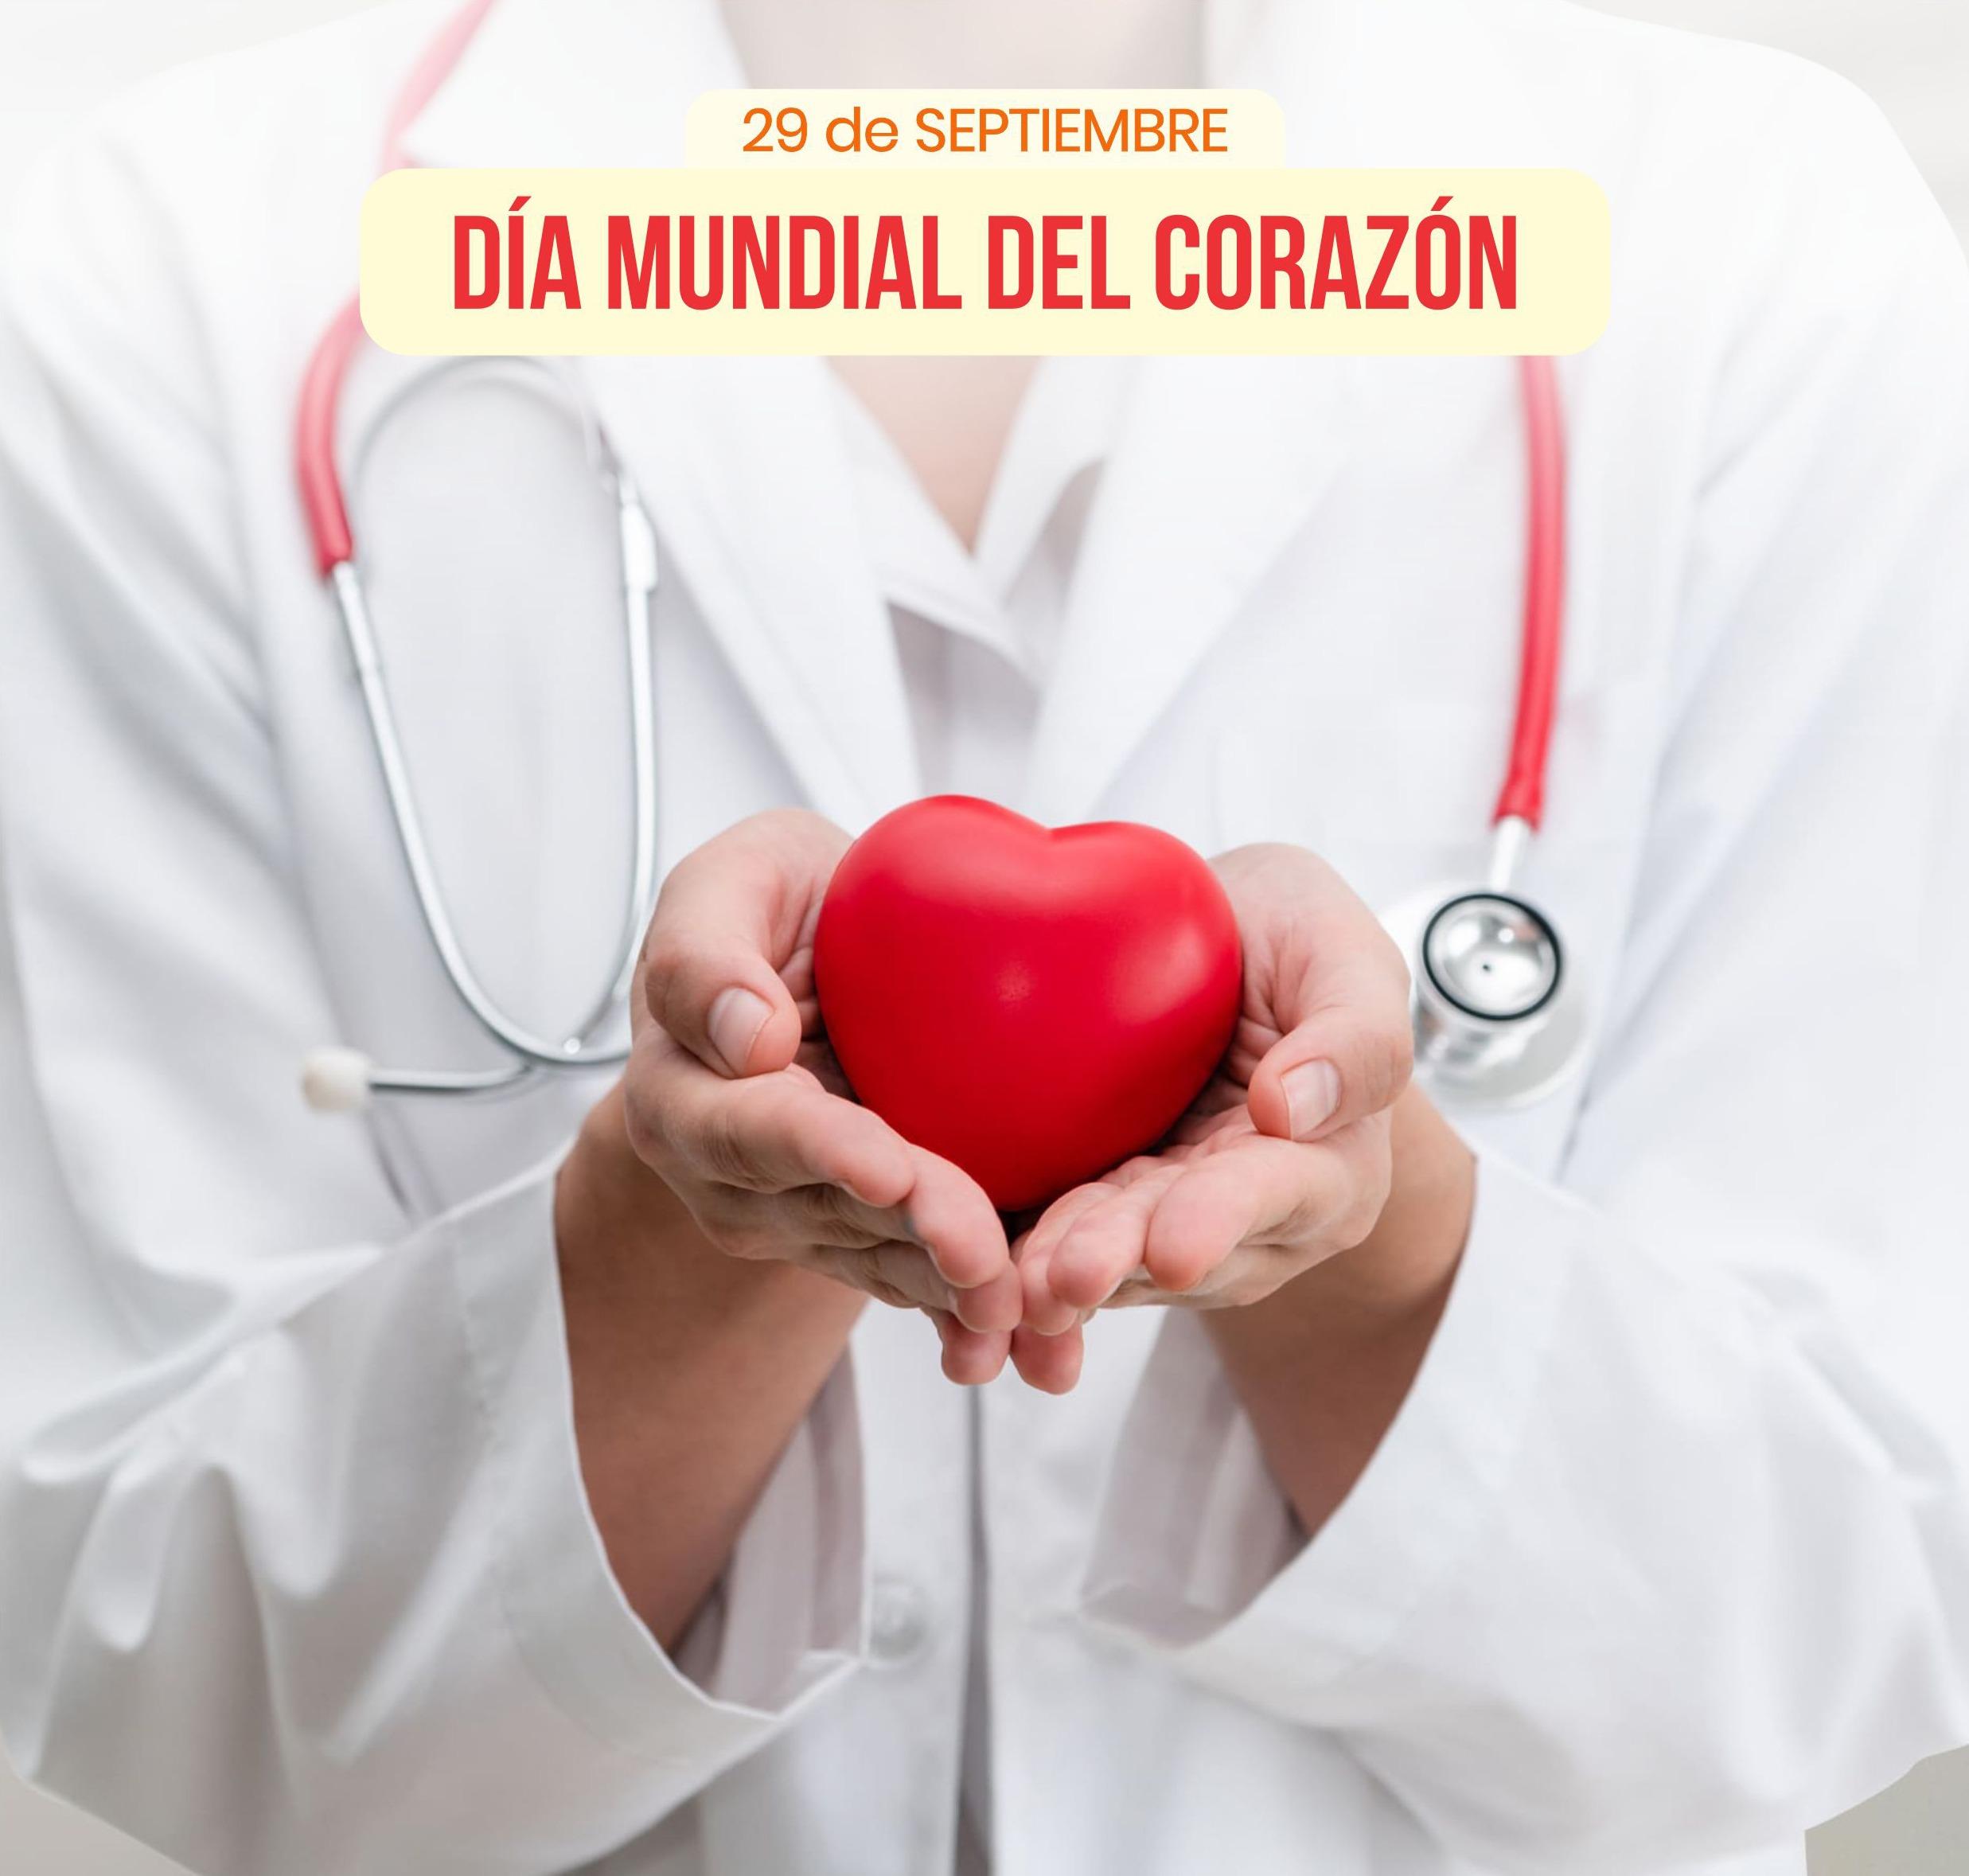 En este momento estás viendo DÍA MUNDIAL DEL CORAZÓN – Un órgano que se afecta por lo físico, social y espiritual. Cómo cuidarlo